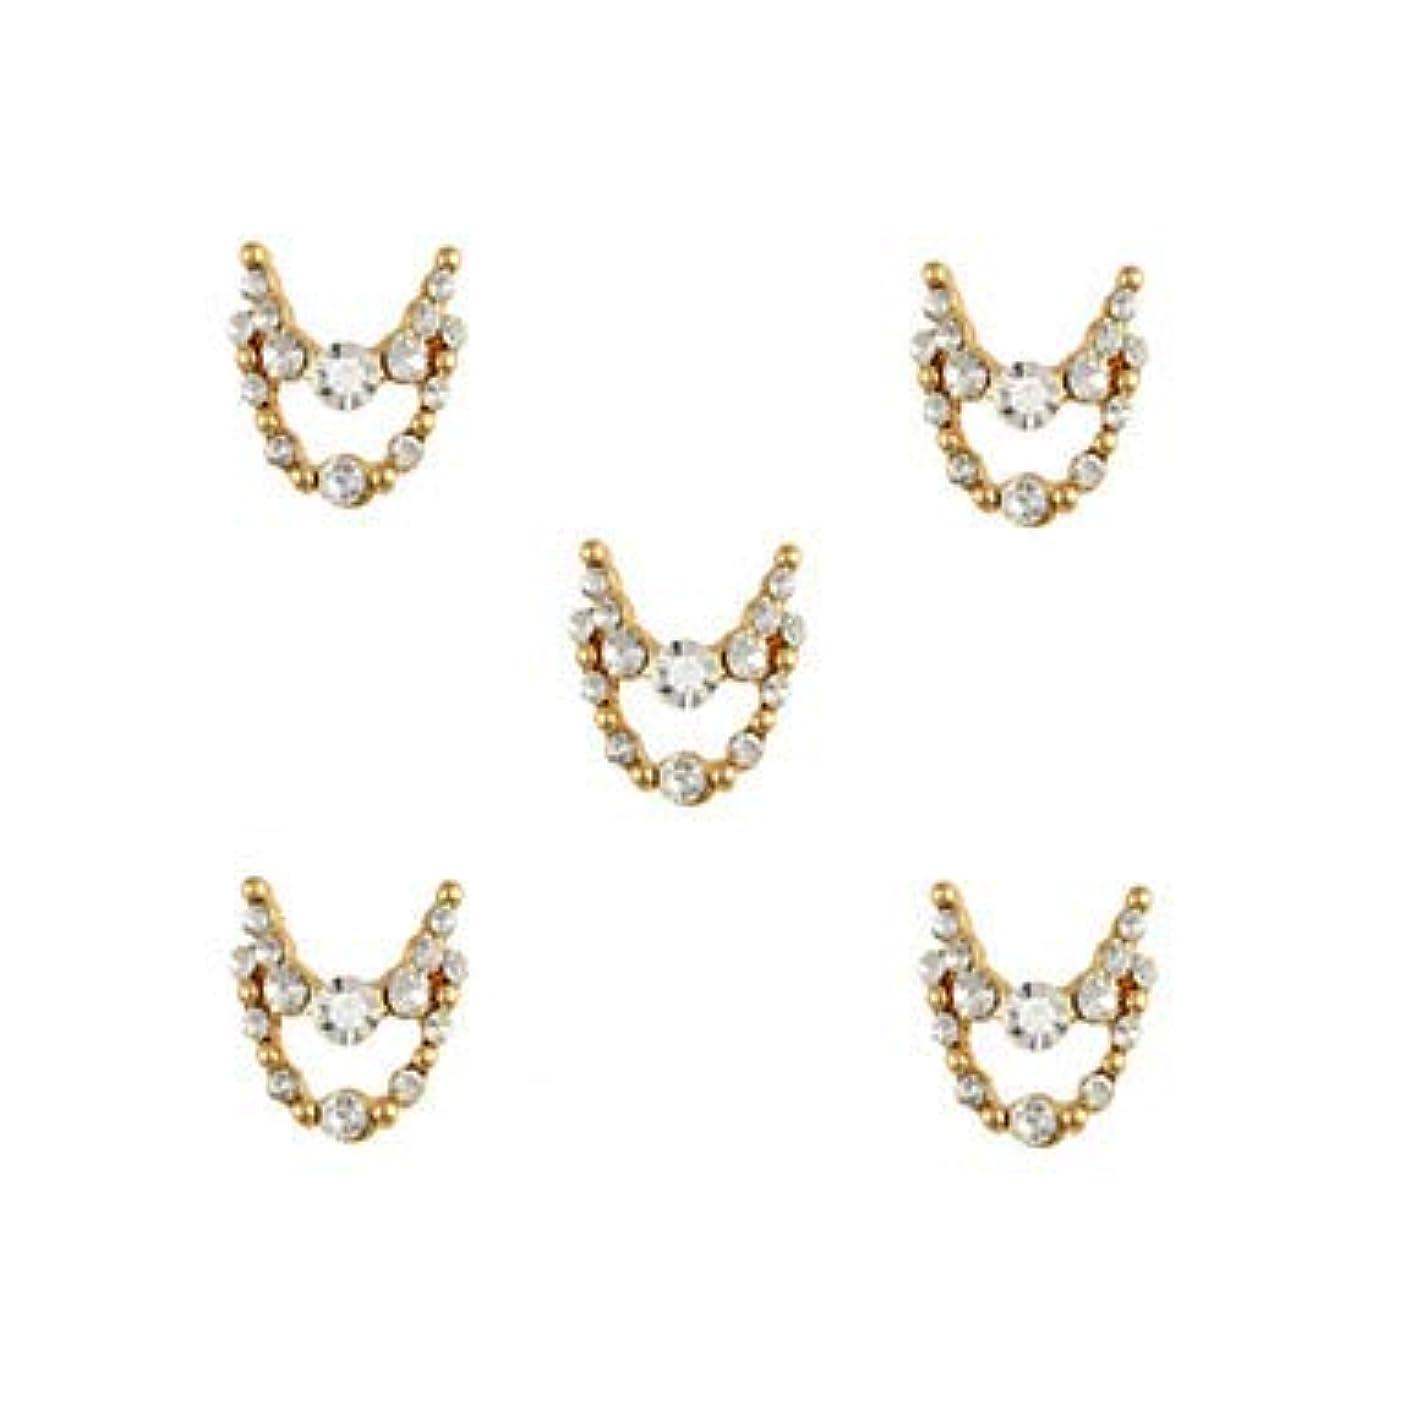 マラソン接触タヒチ明確なラインストーン3dチャーム合金ネイルアートの装飾が付いている10個入りゴールドネックレスブラブラ